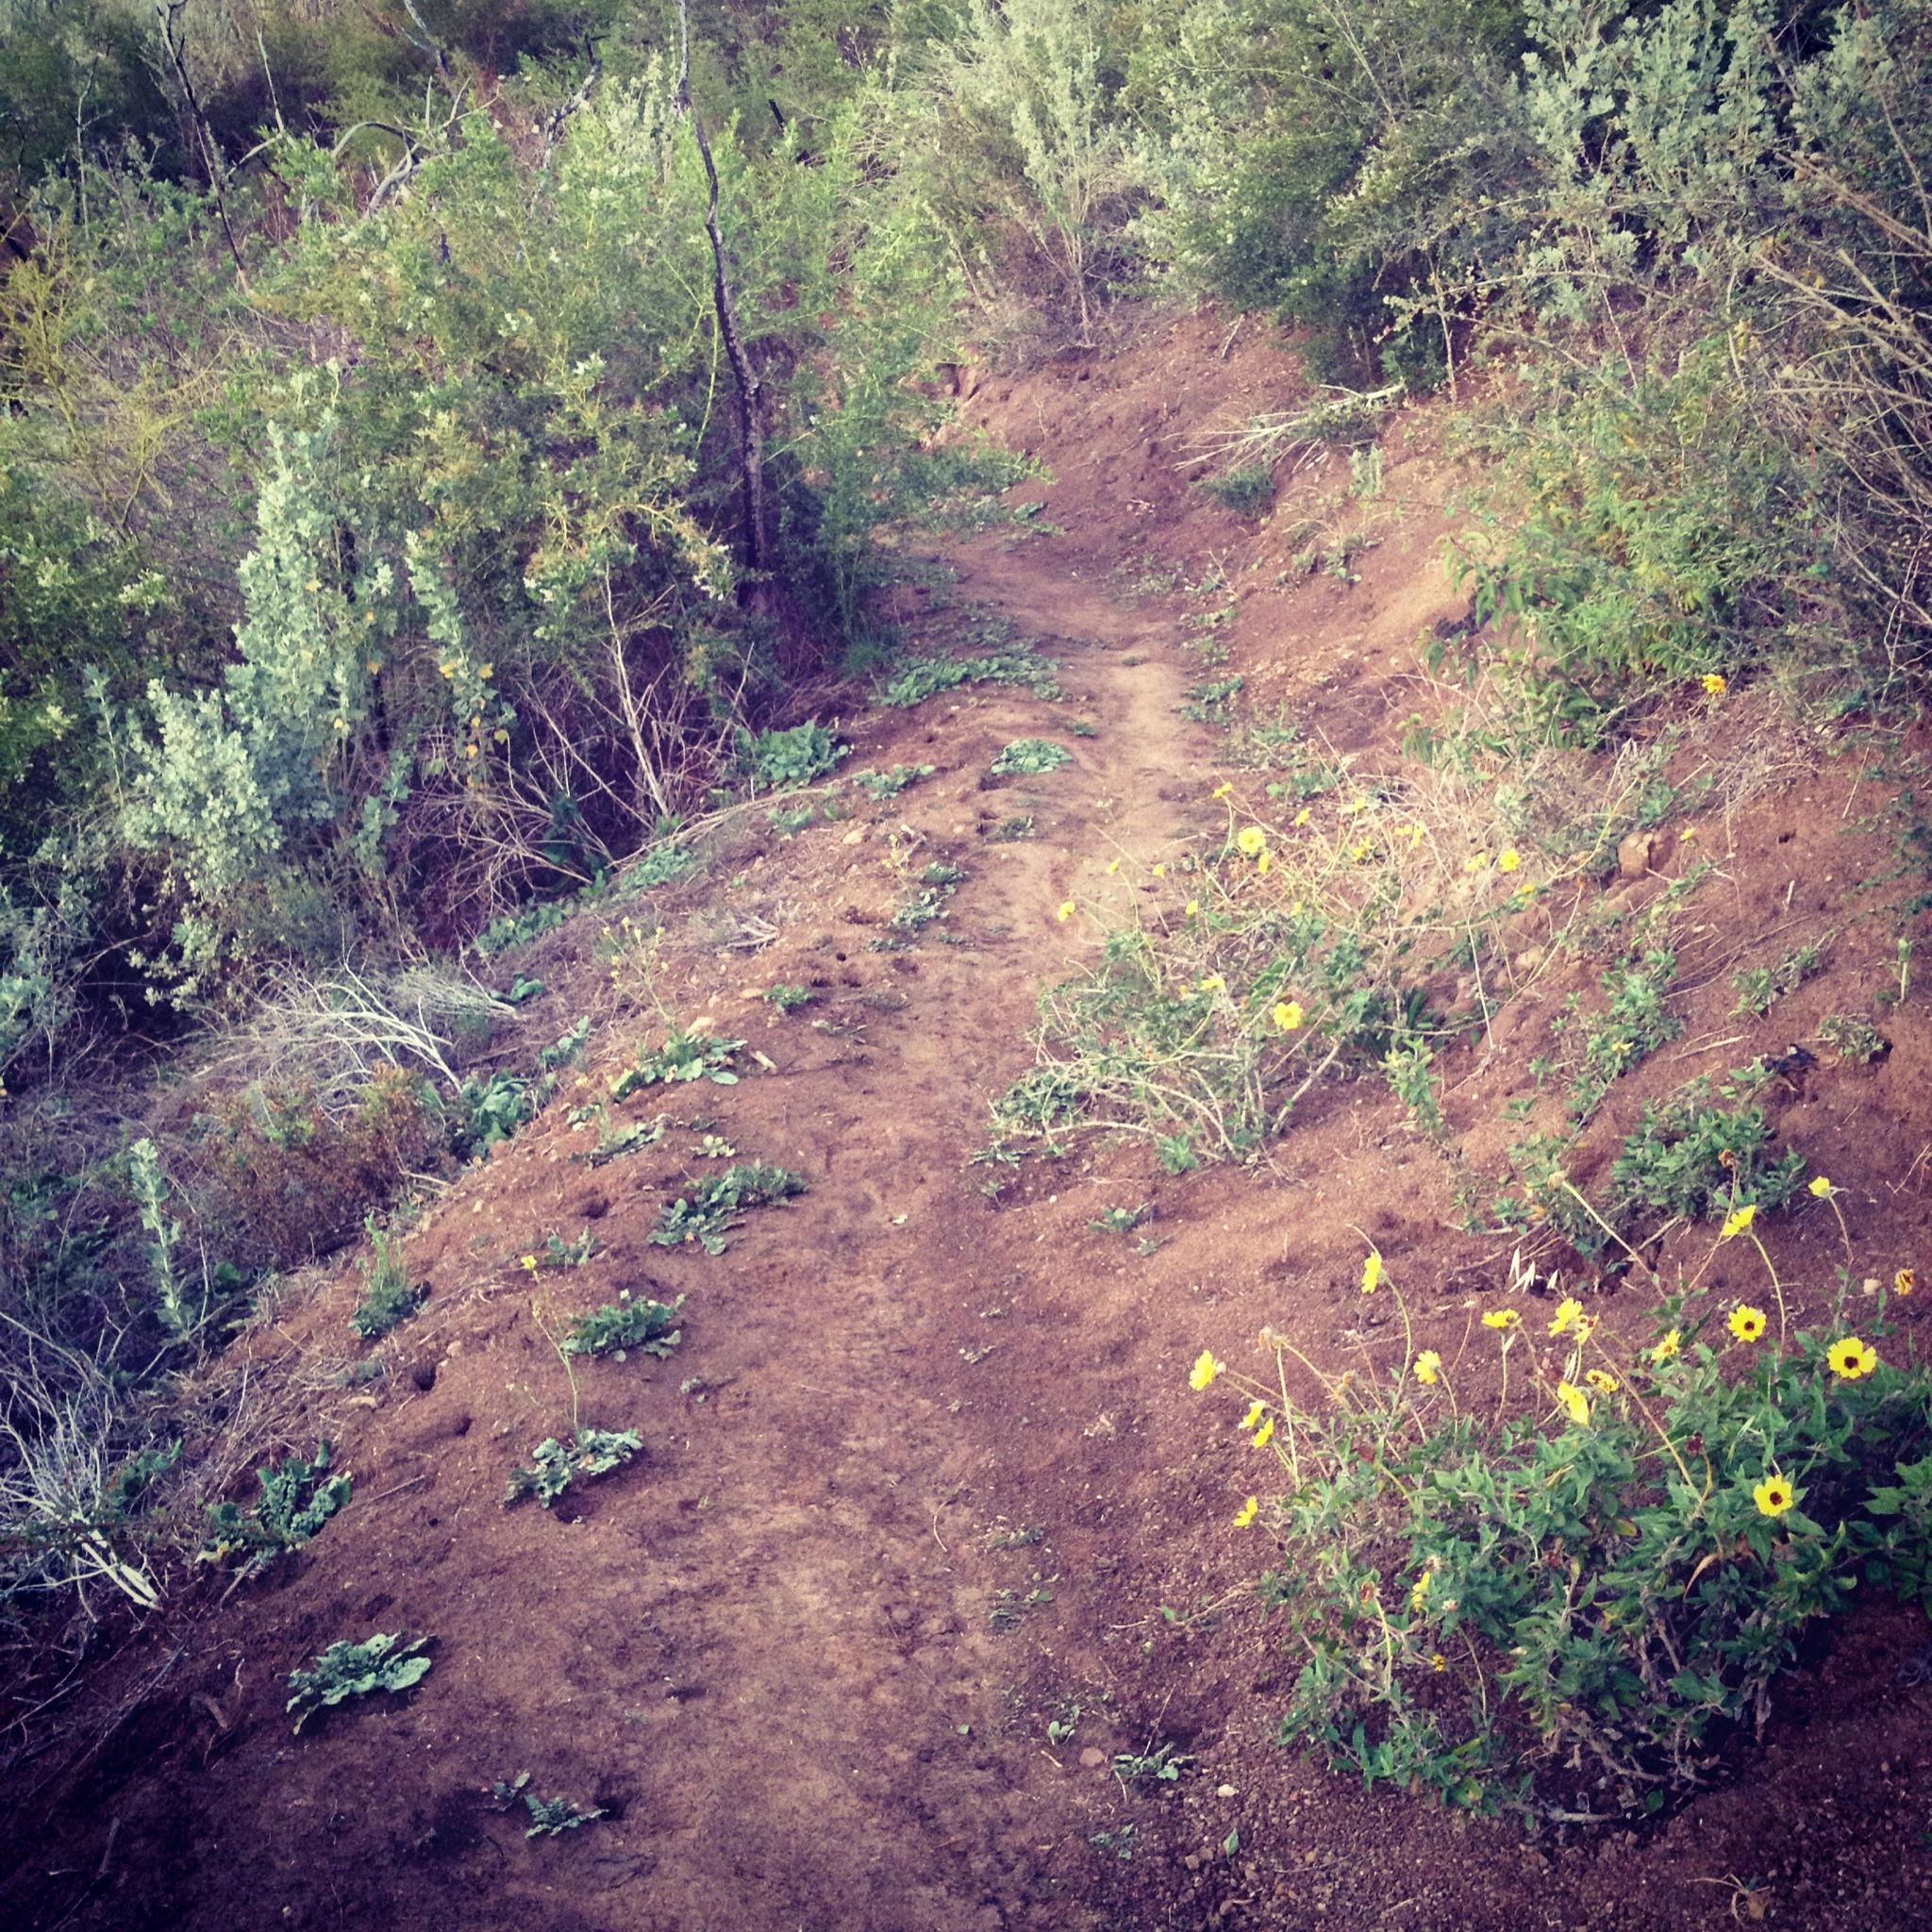 What-the-trail-looks-like.jpg